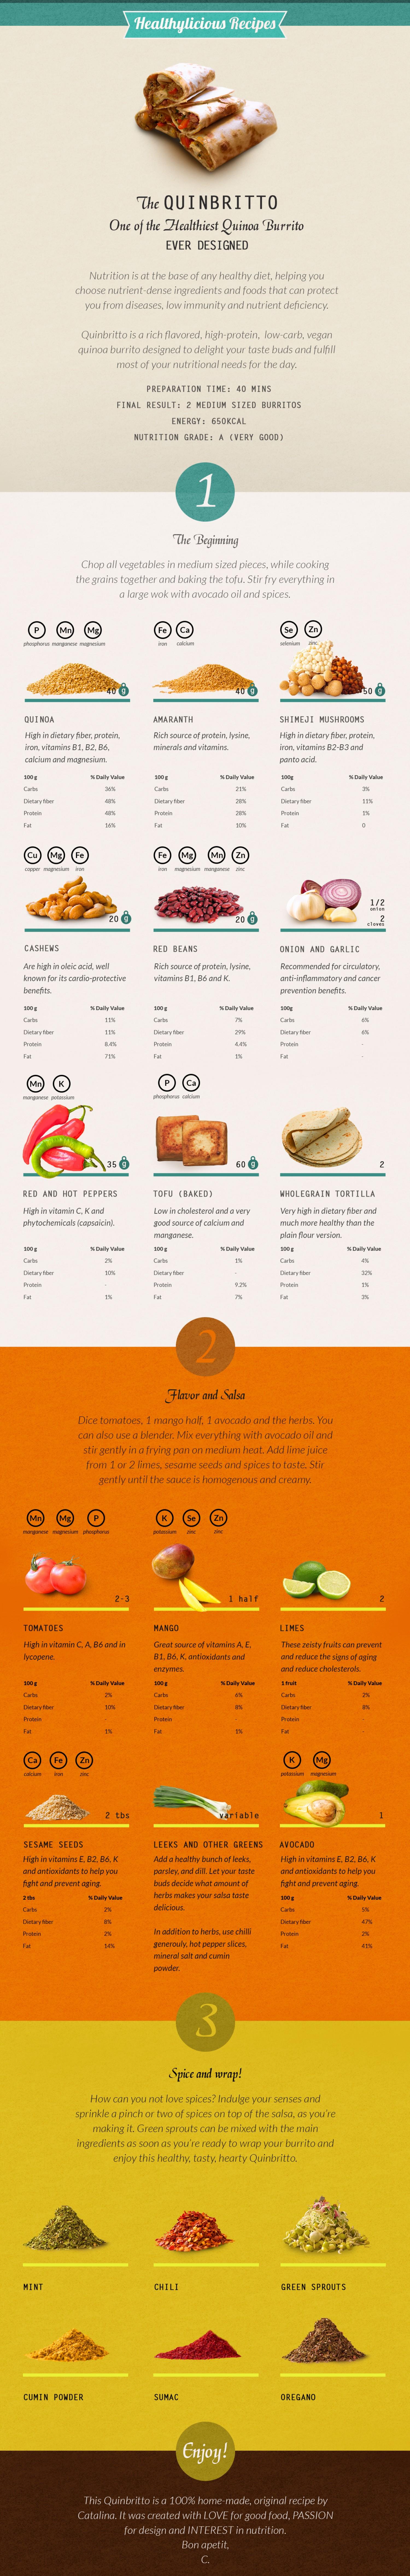 Visual Recipe Of A Nutrient Rich Quinoa Burrito